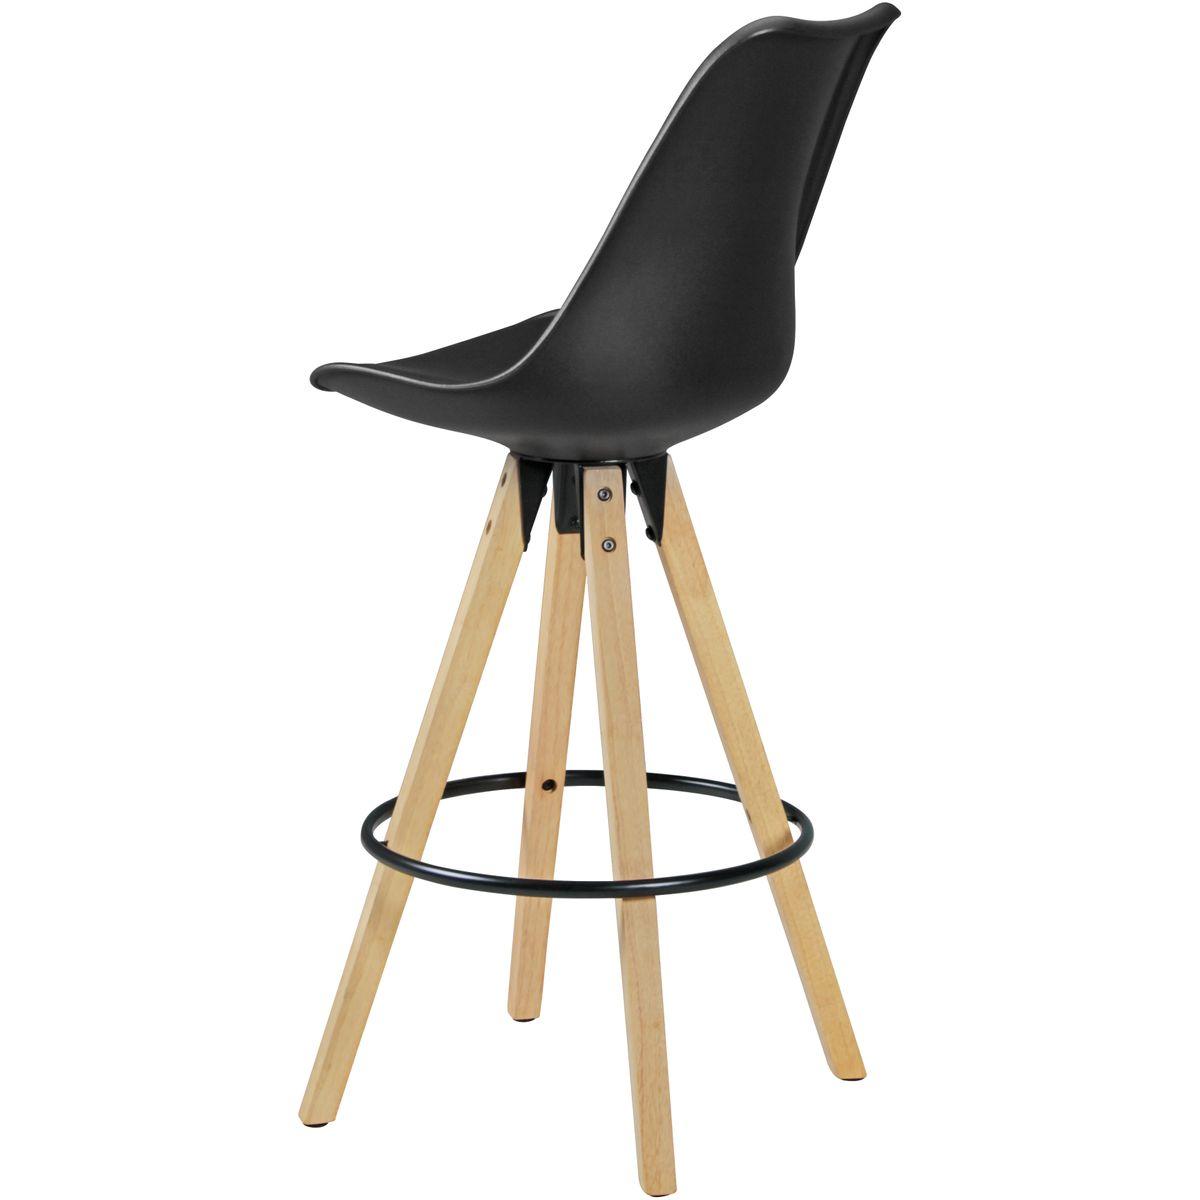 2er set barhocker retro design stoff holz mit lehne. Black Bedroom Furniture Sets. Home Design Ideas